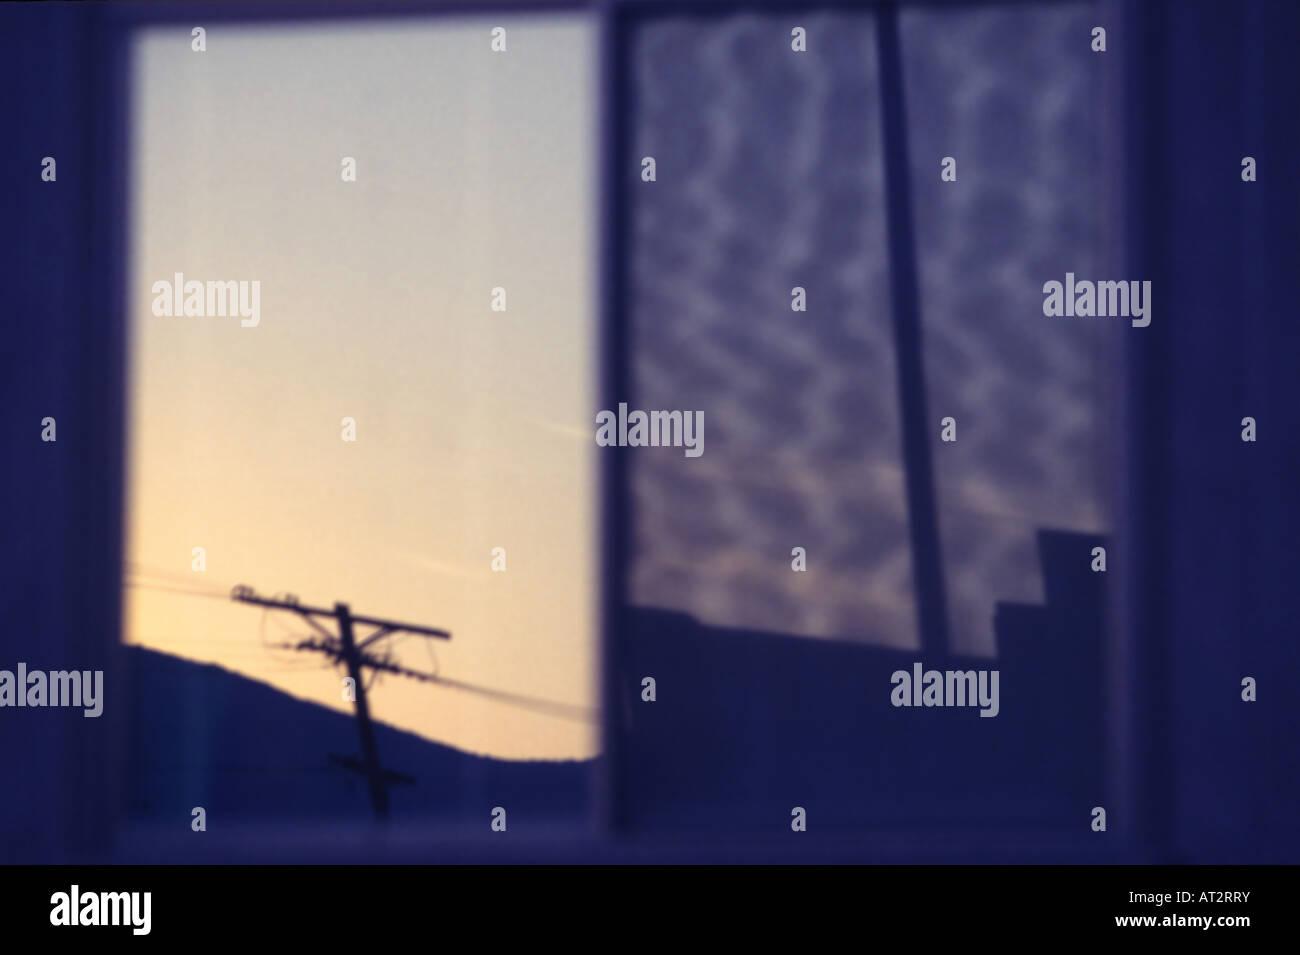 La riflessione astratta di un palo telefonico nella finestra orizzontale Immagini Stock